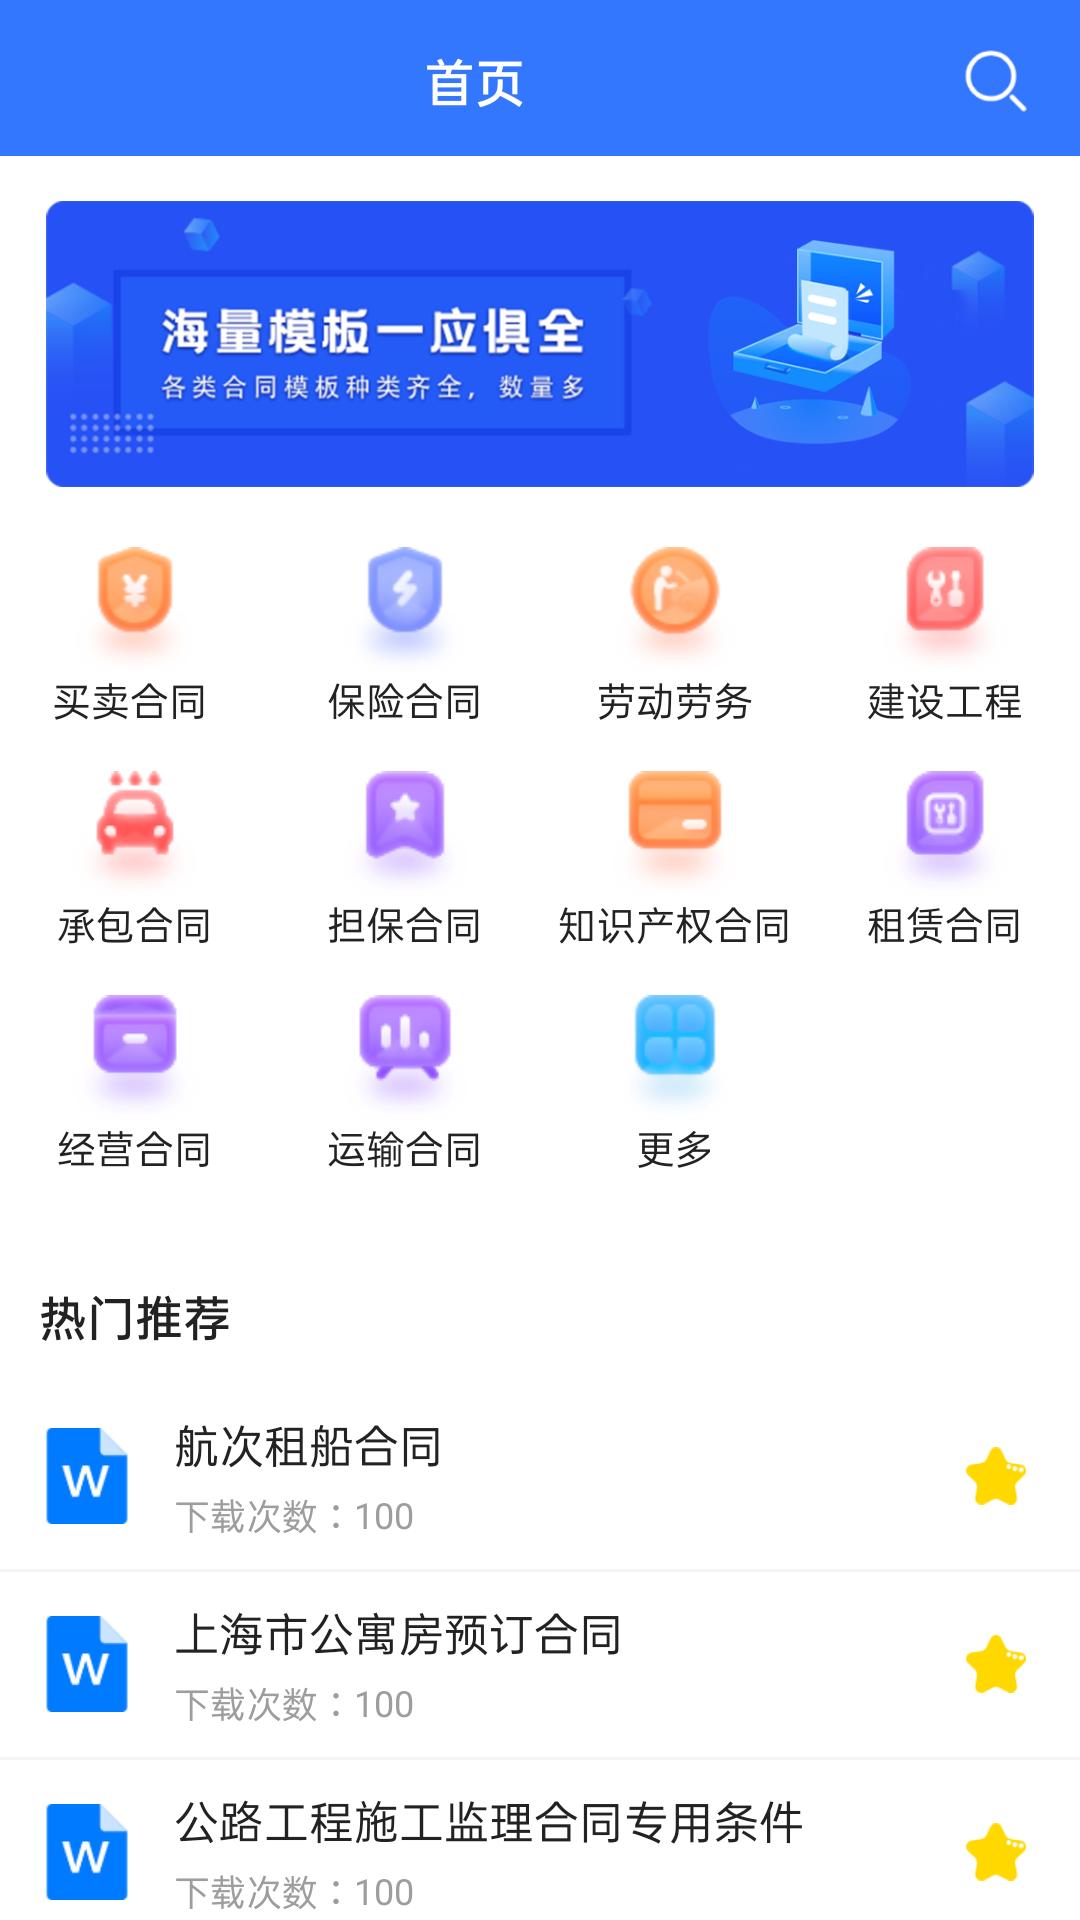 合同模板大全app